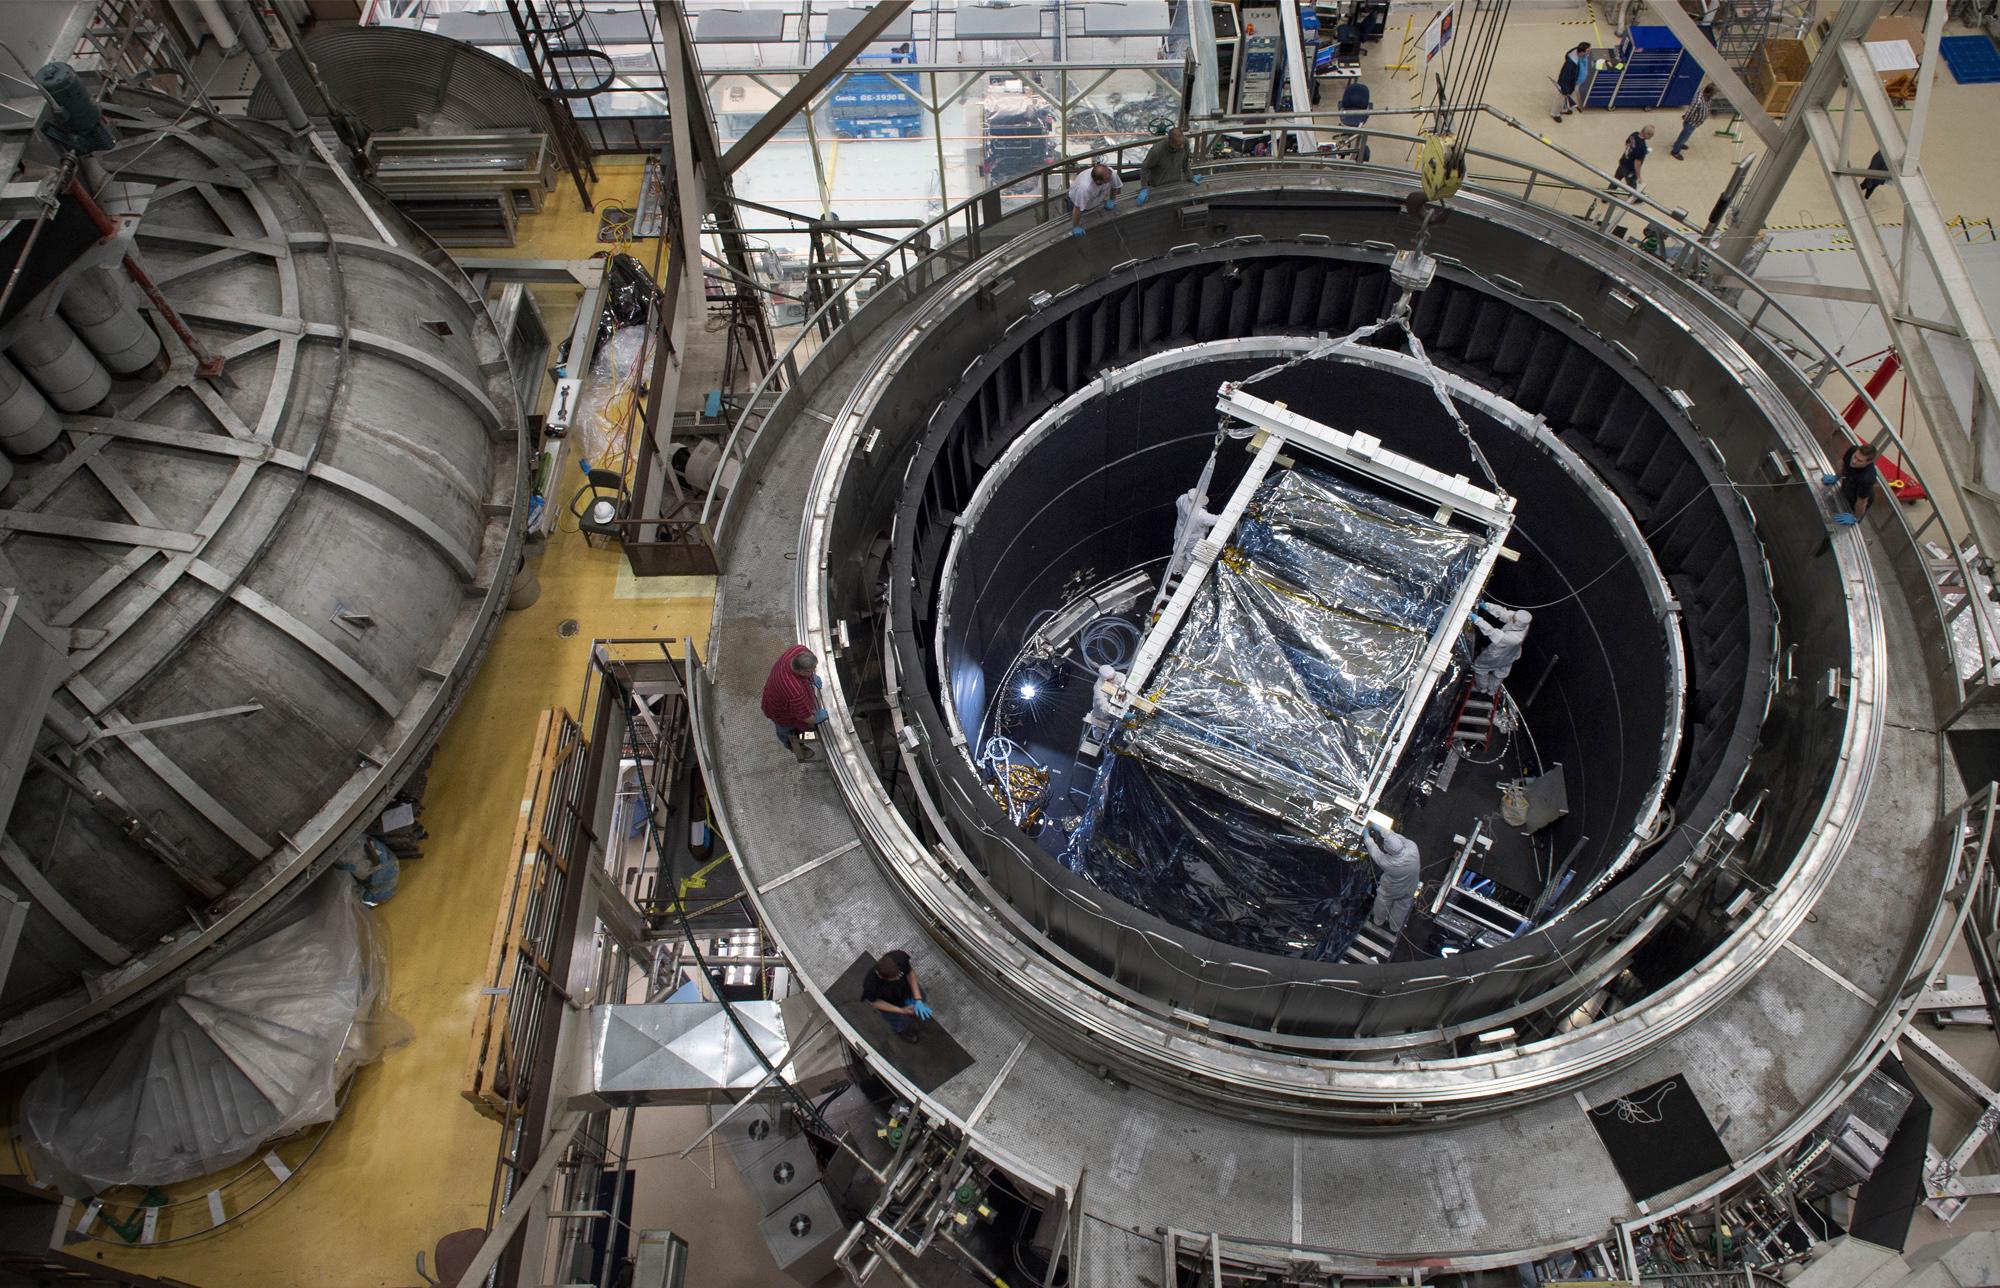 Fortschritte Beim Bau Des James Webb Teleskops